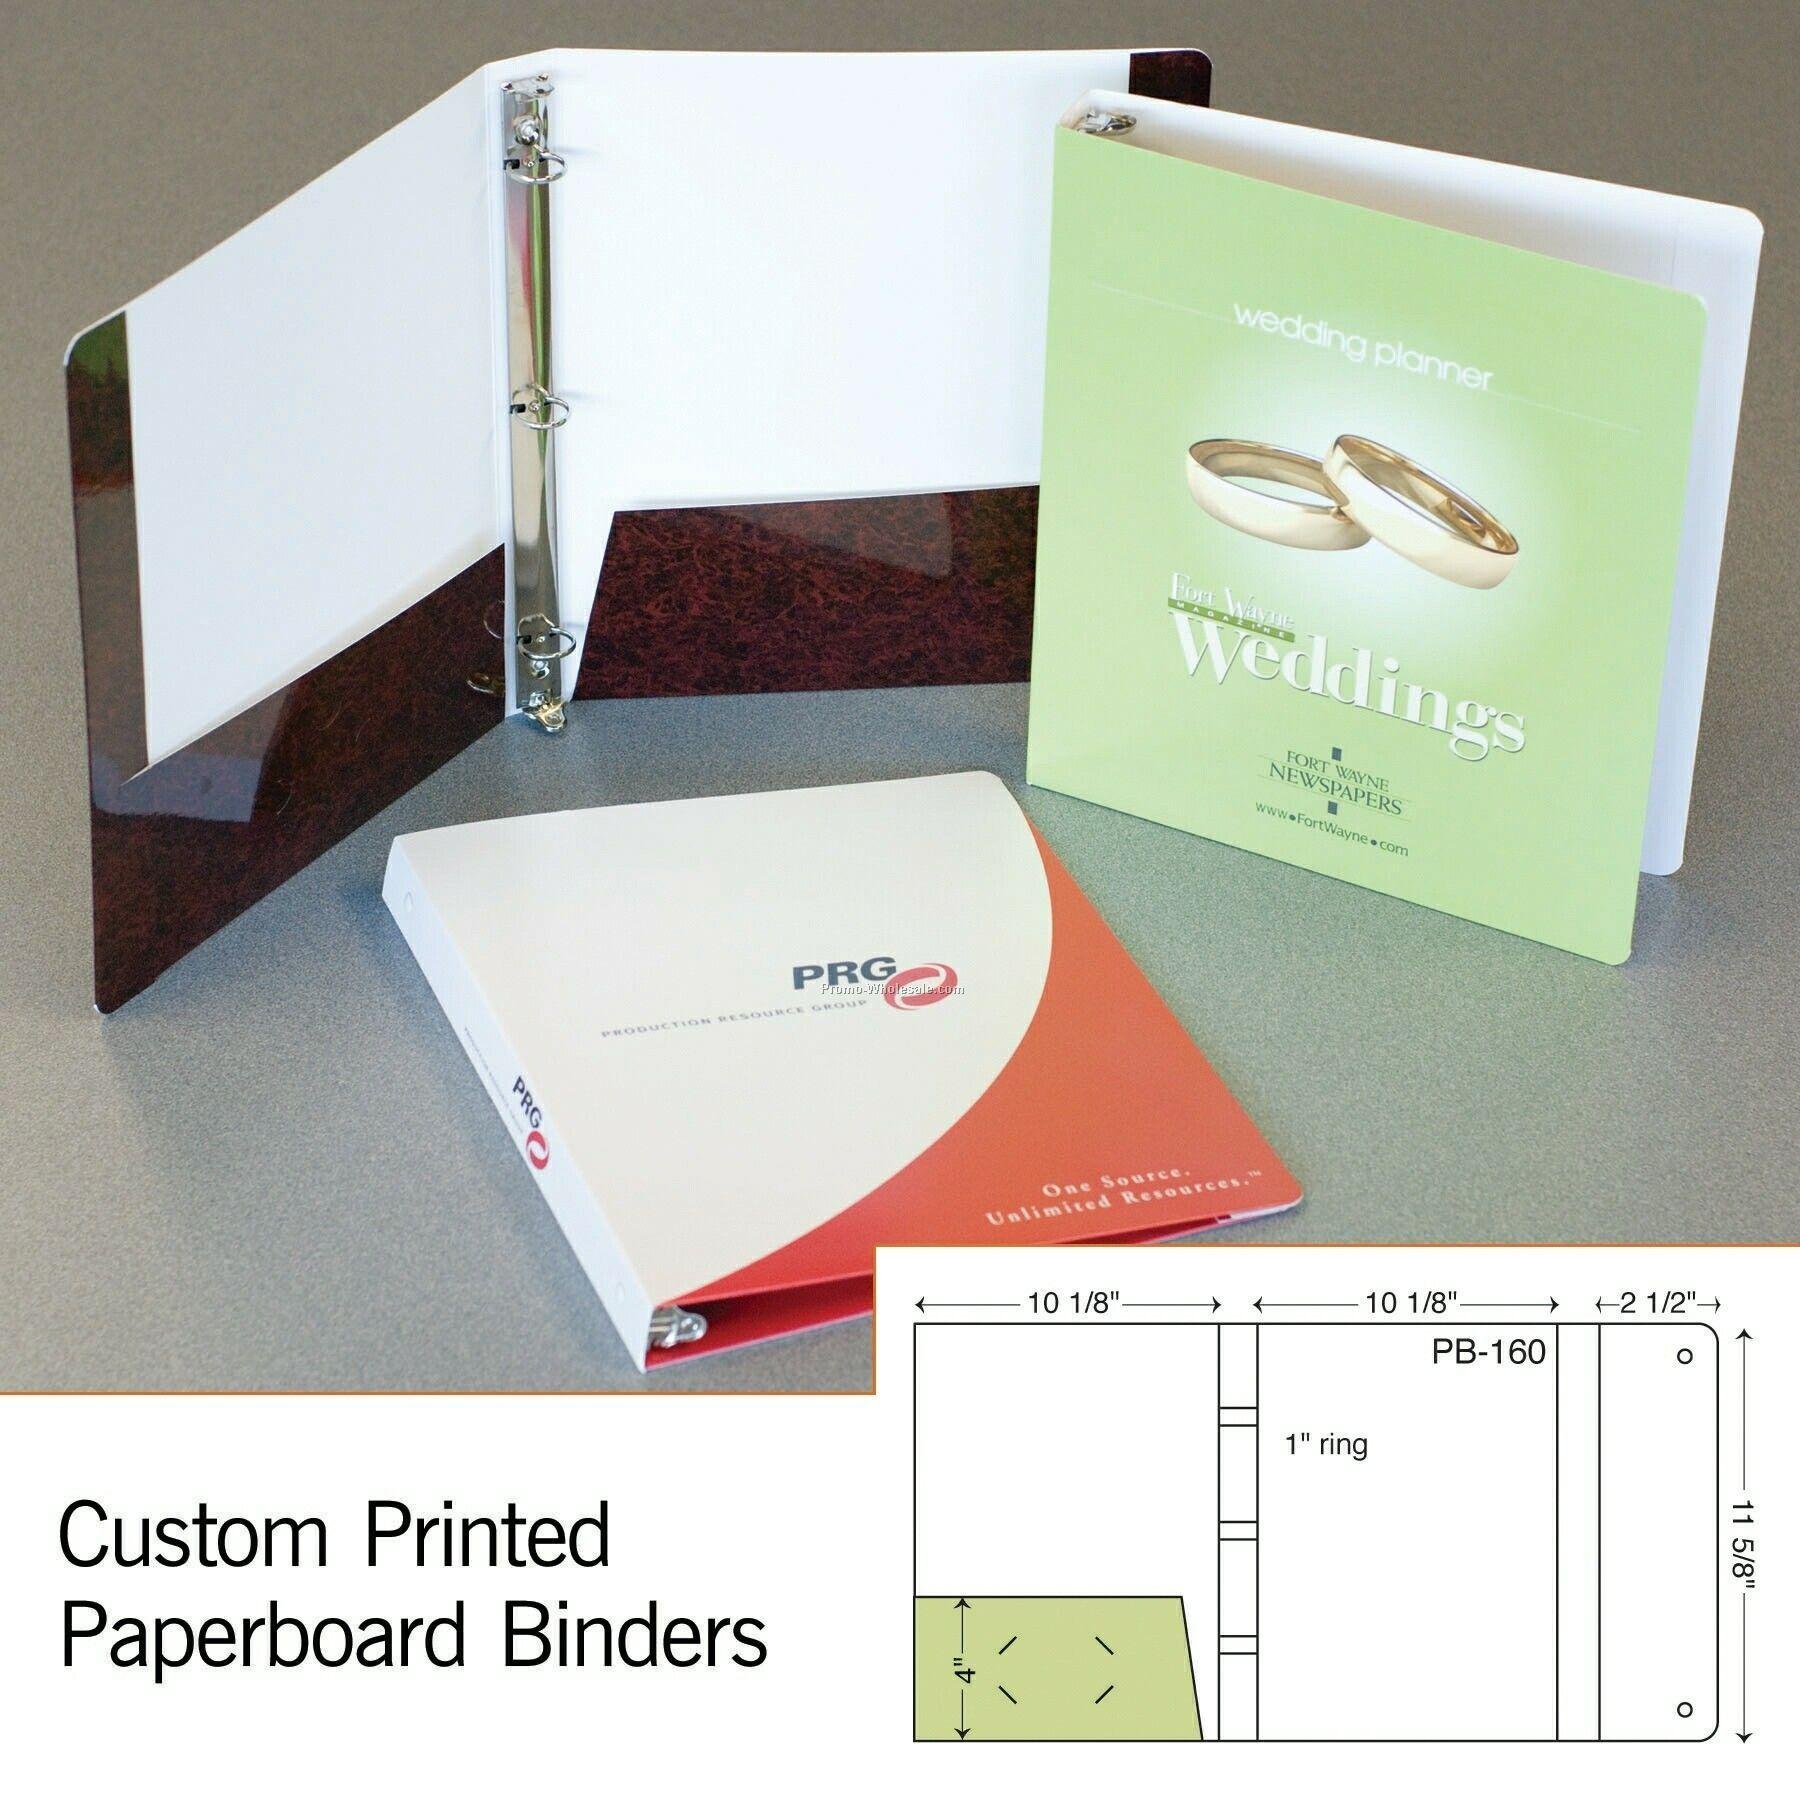 11-5/8 paperboard binders